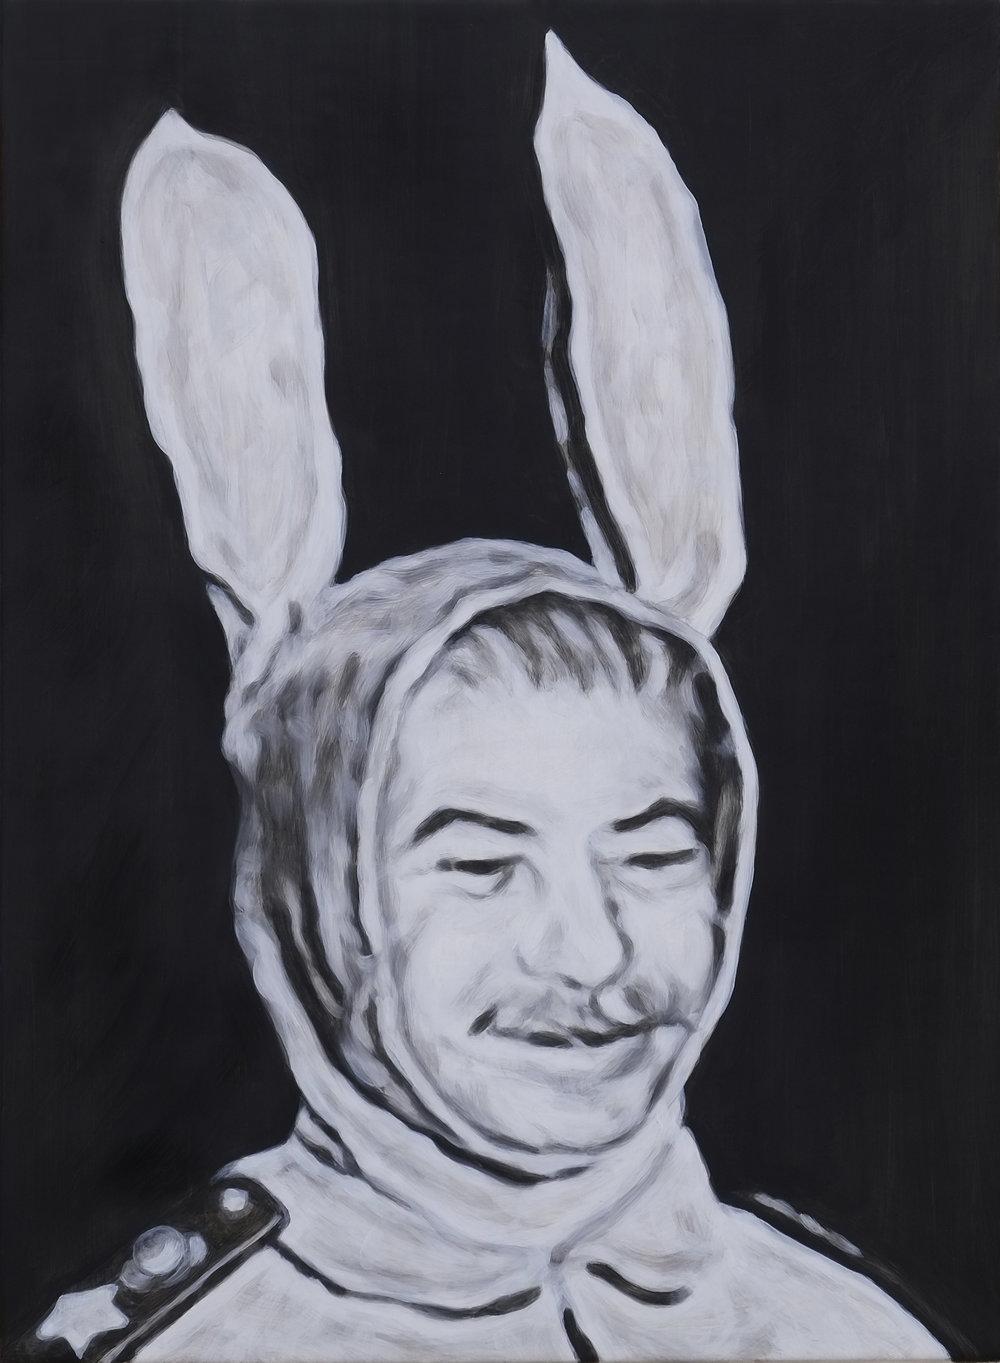 Szelit_Rabbit Ear.jpg